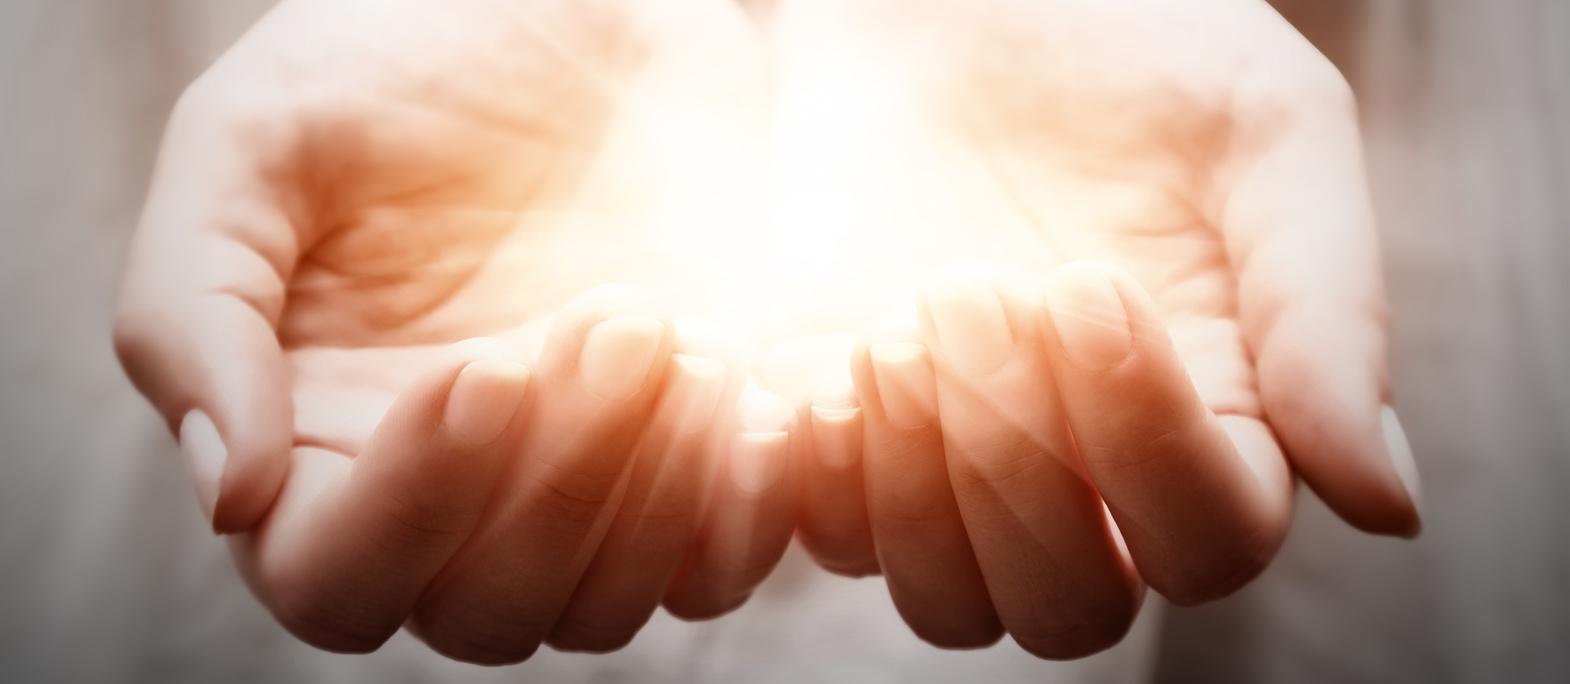 Vortrag: Heilung, die Rückkehr zur inneren Harmonie